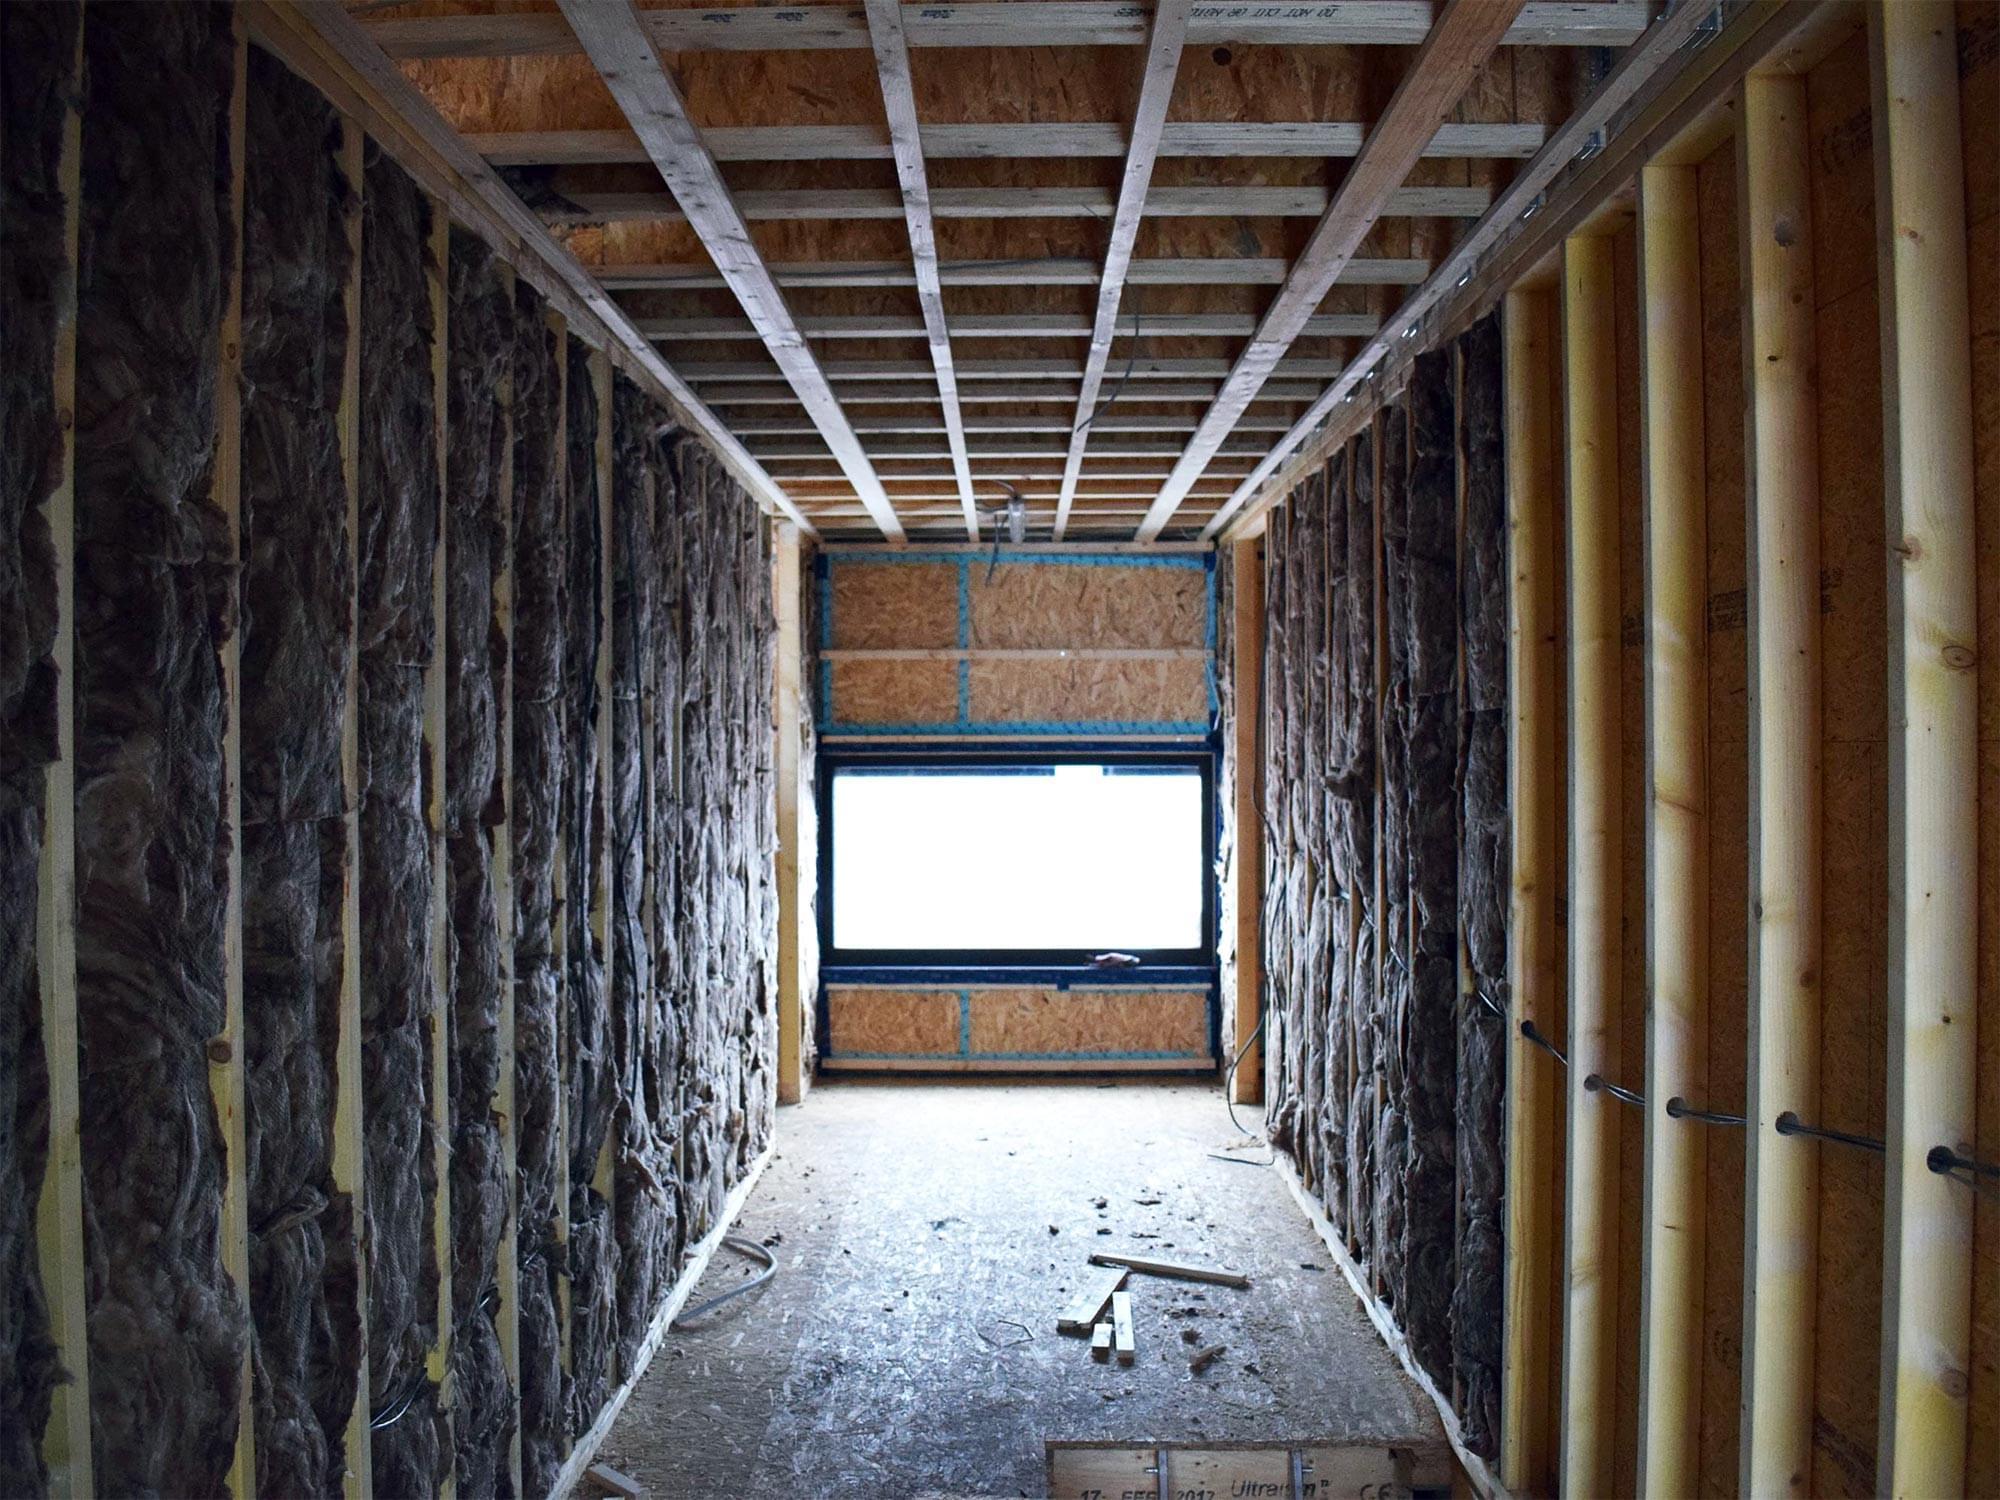 De isolatieschil van een energiezuinige woning gebouwd door Arkana.